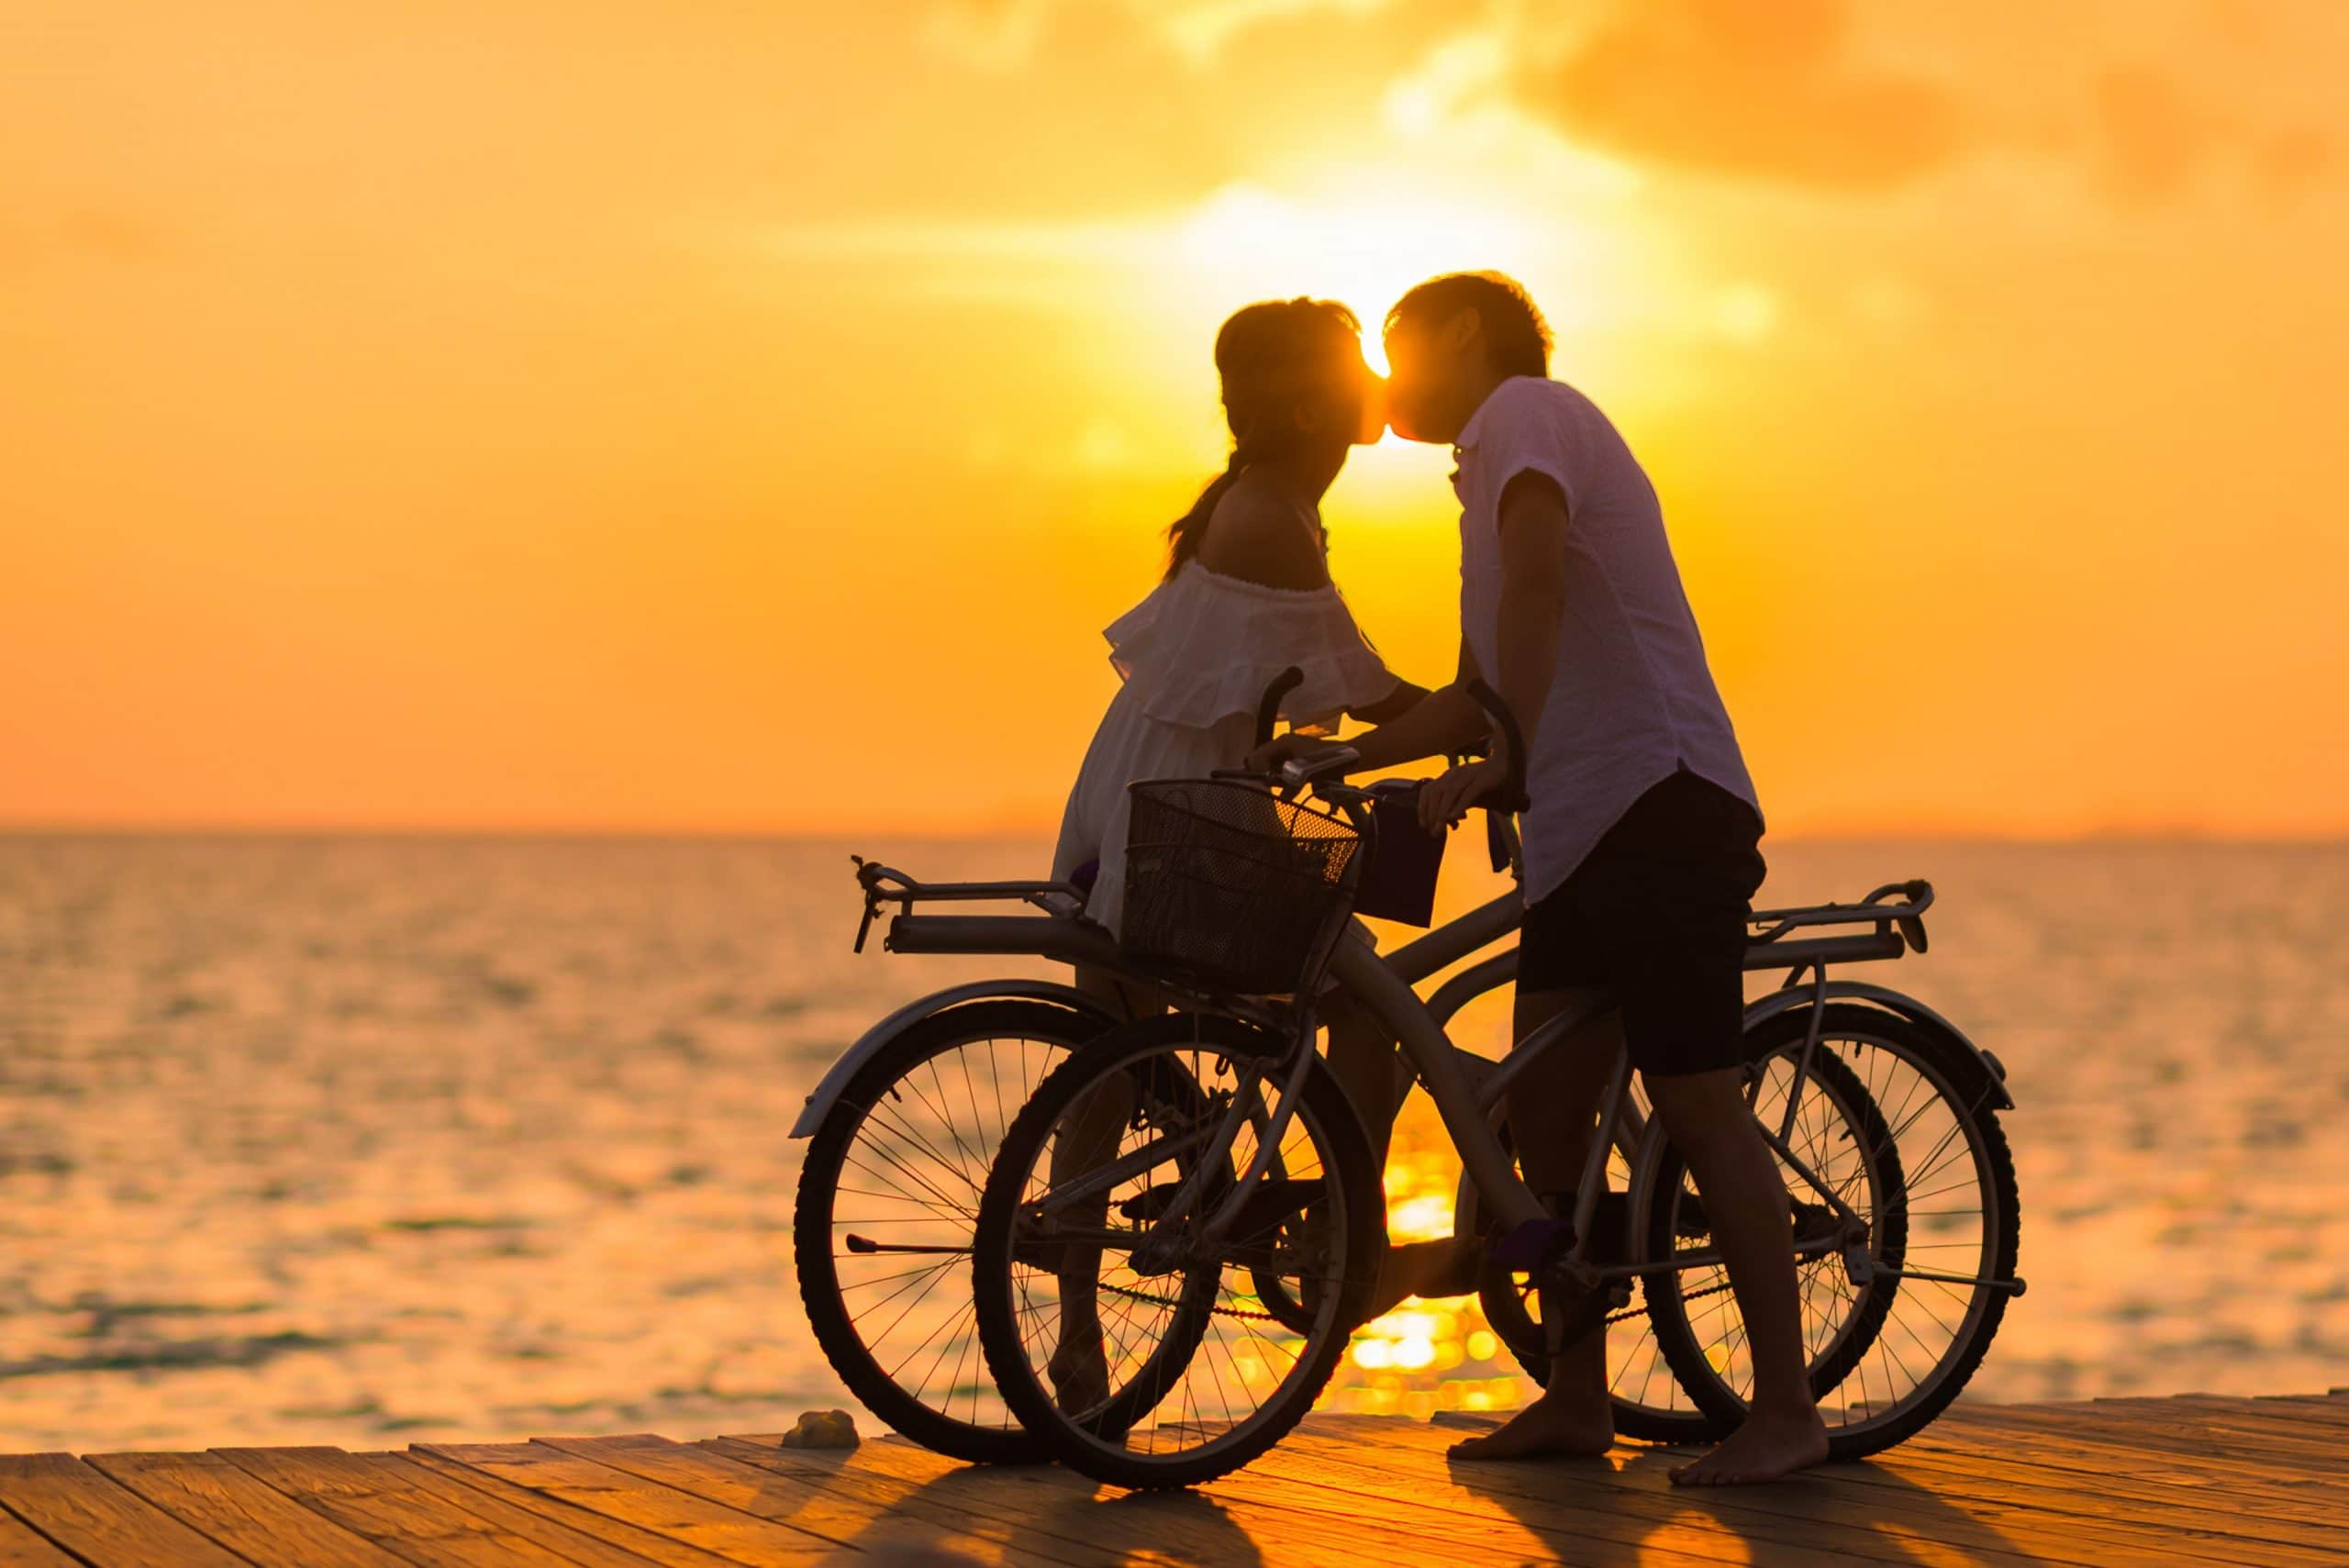 Casal de beijando em frente ao pôr-do-sol no mar. Ambos estão carregando suas bicicletas,